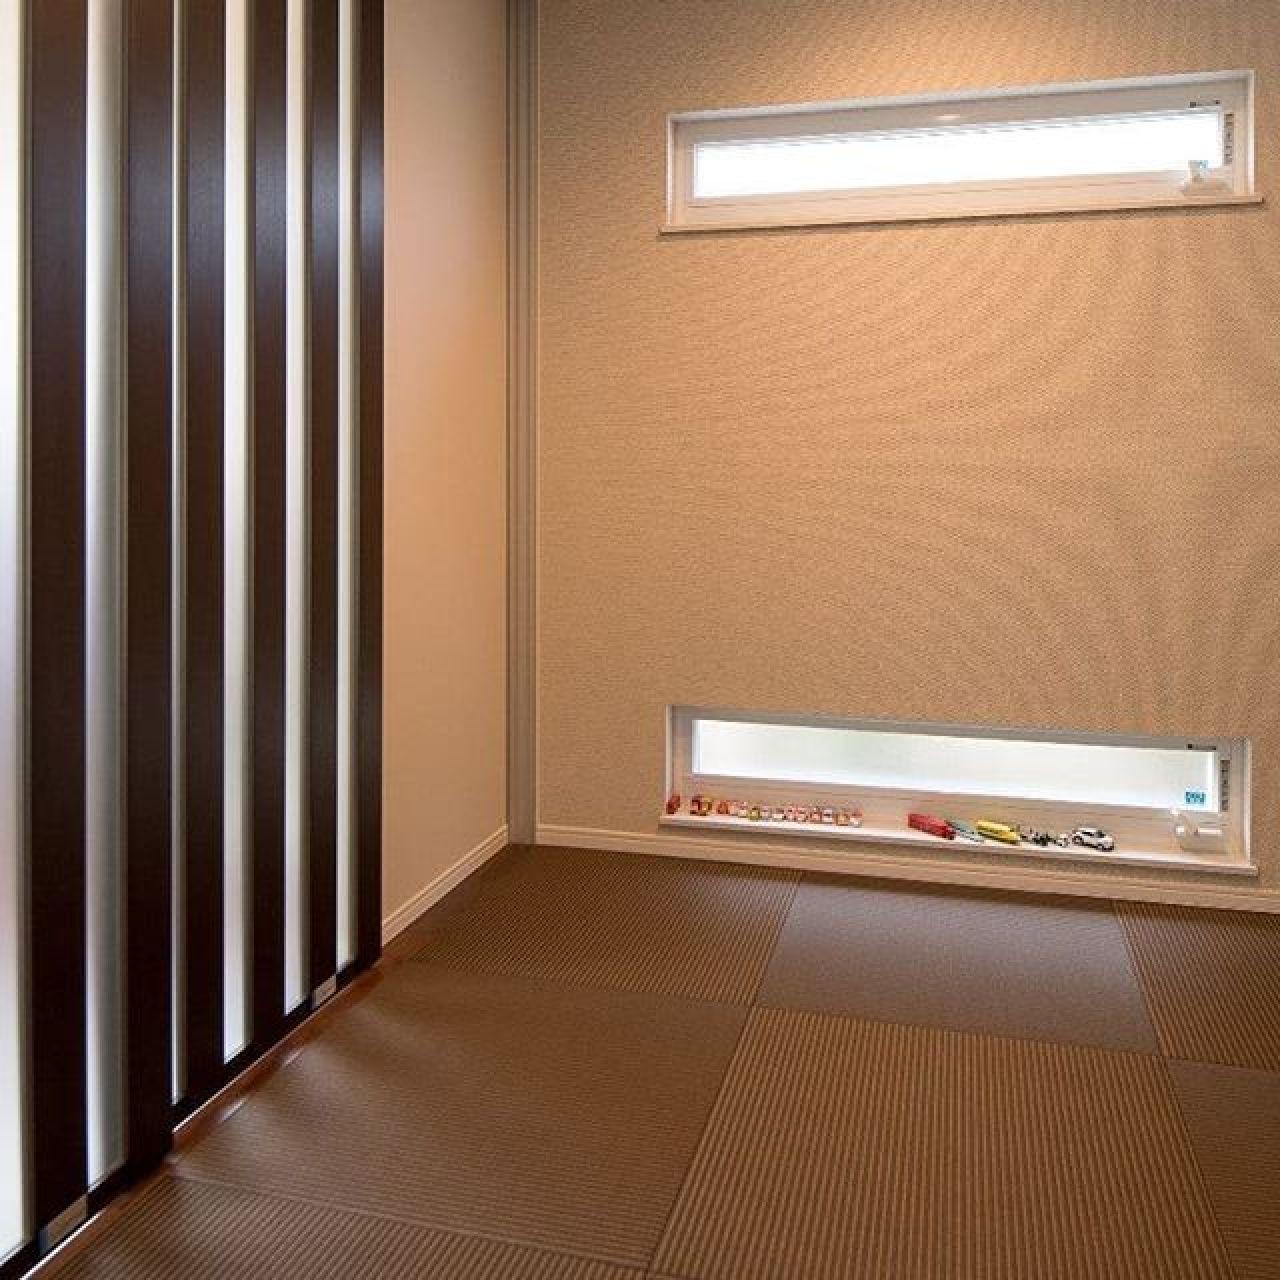 耐久性と防汚性に優れた和紙畳。い草の緑はいいものですが、和紙畳はいろんな色があるので部屋の雰囲気によって選べるのがいいところ。#和紙畳 #畳 #茶色の畳 #スライドドア #パーテション #雰囲気 #モダンインテリア #モダン和室 #子育て #自然素材#注文住宅 #住ま居る#apw330